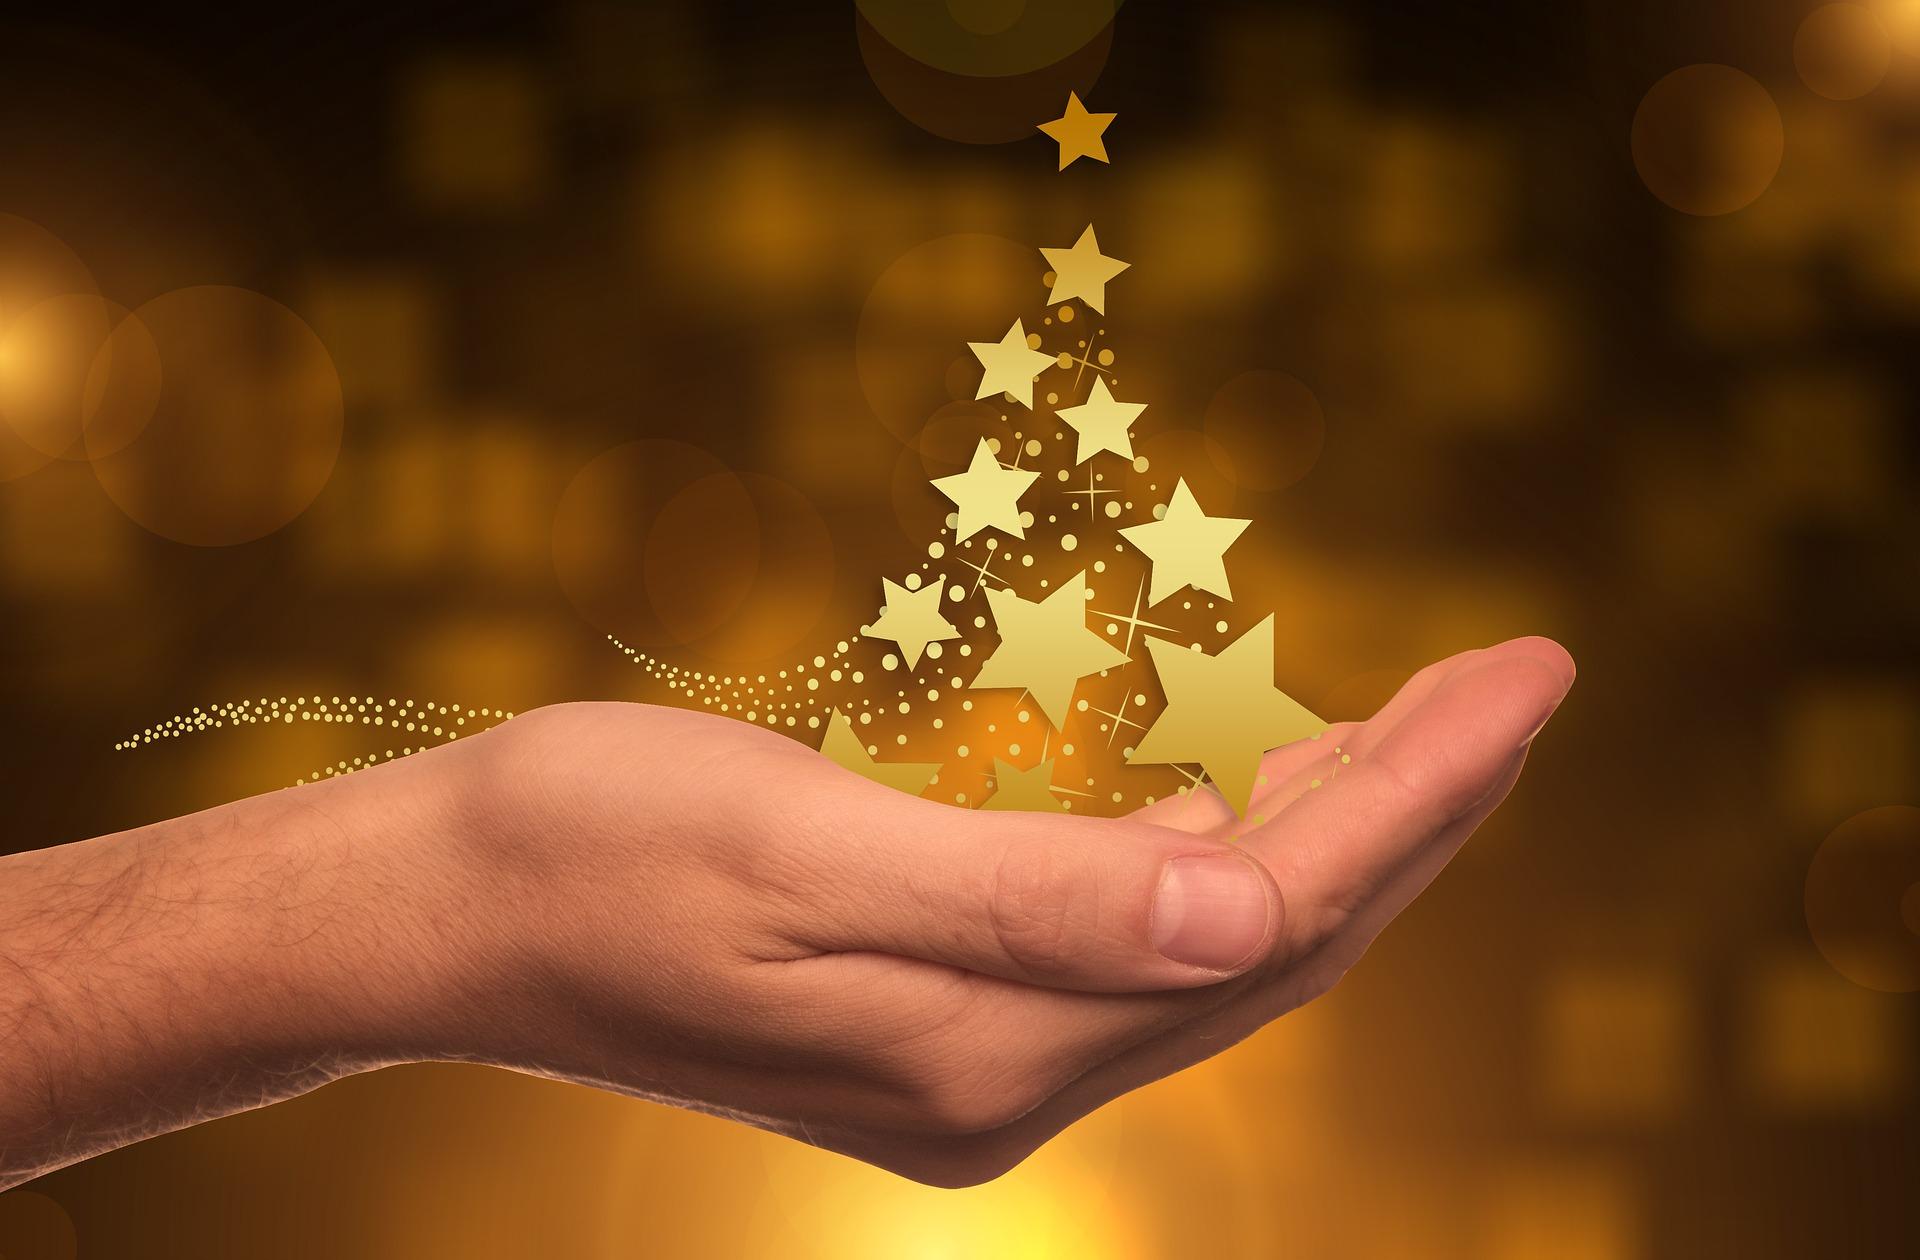 ¿Cómo atraer prosperidad con la ubicación de los objetos navideños?